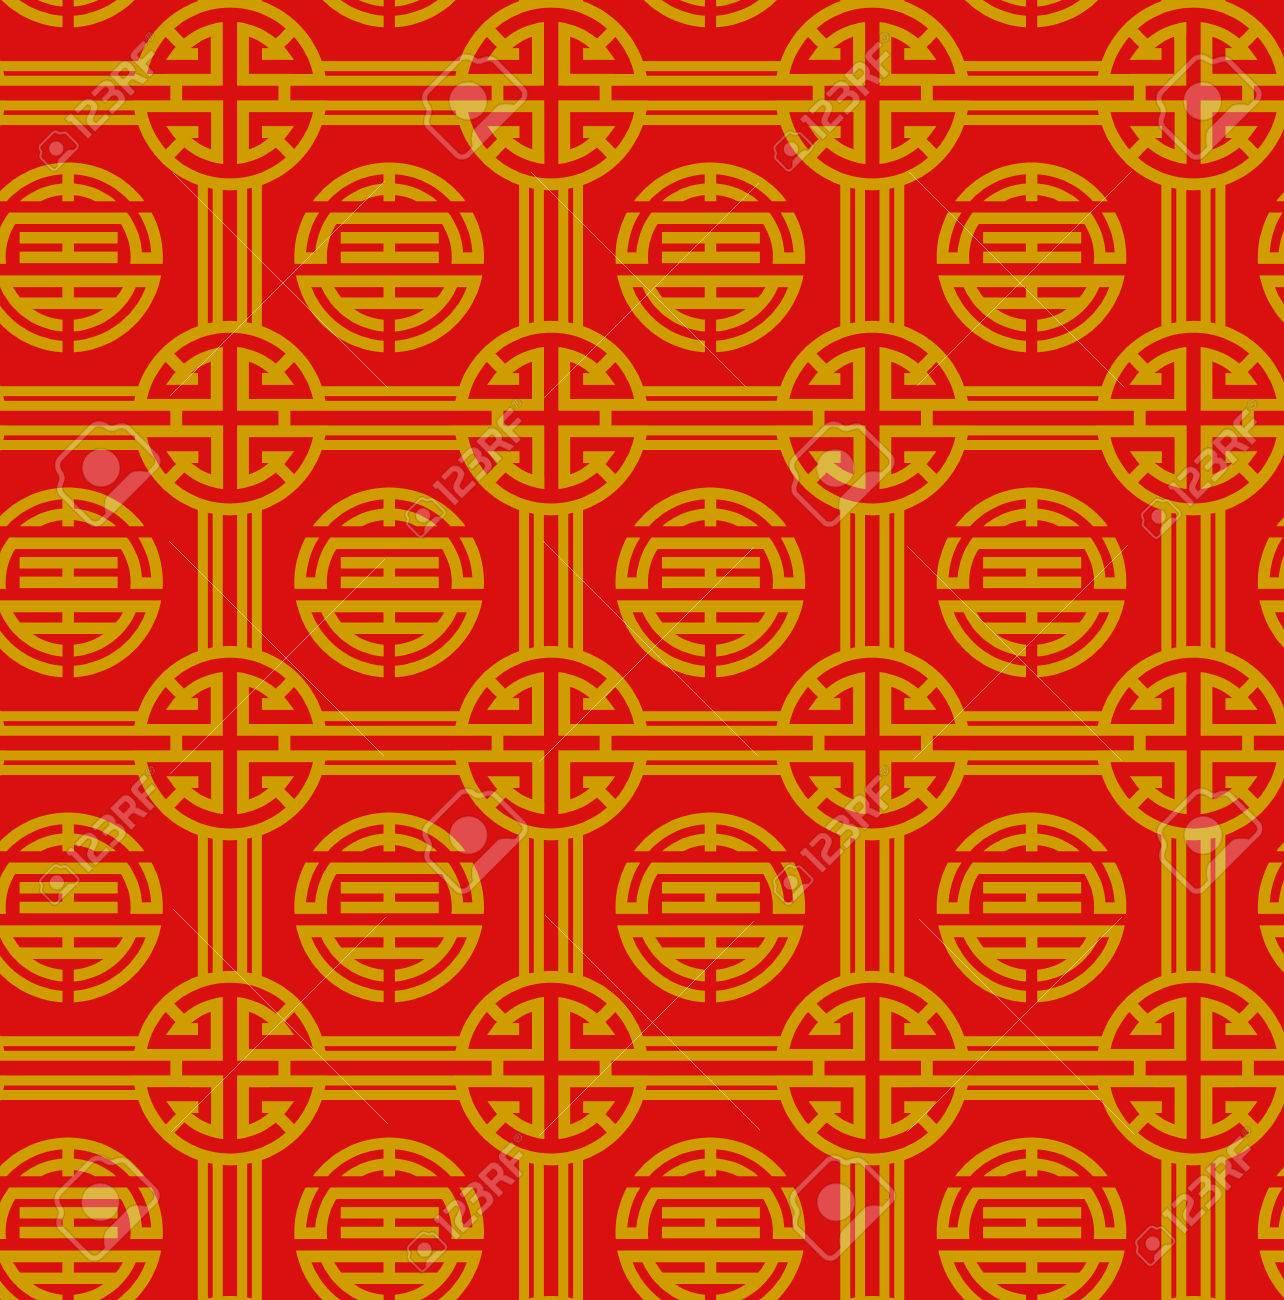 伝統的な中国のパターン 無限のテクスチャは 壁紙 パターンの塗りつぶし Web ページの背景テクスチャに使用できます ベクトル図のイラスト素材 ベクタ Image